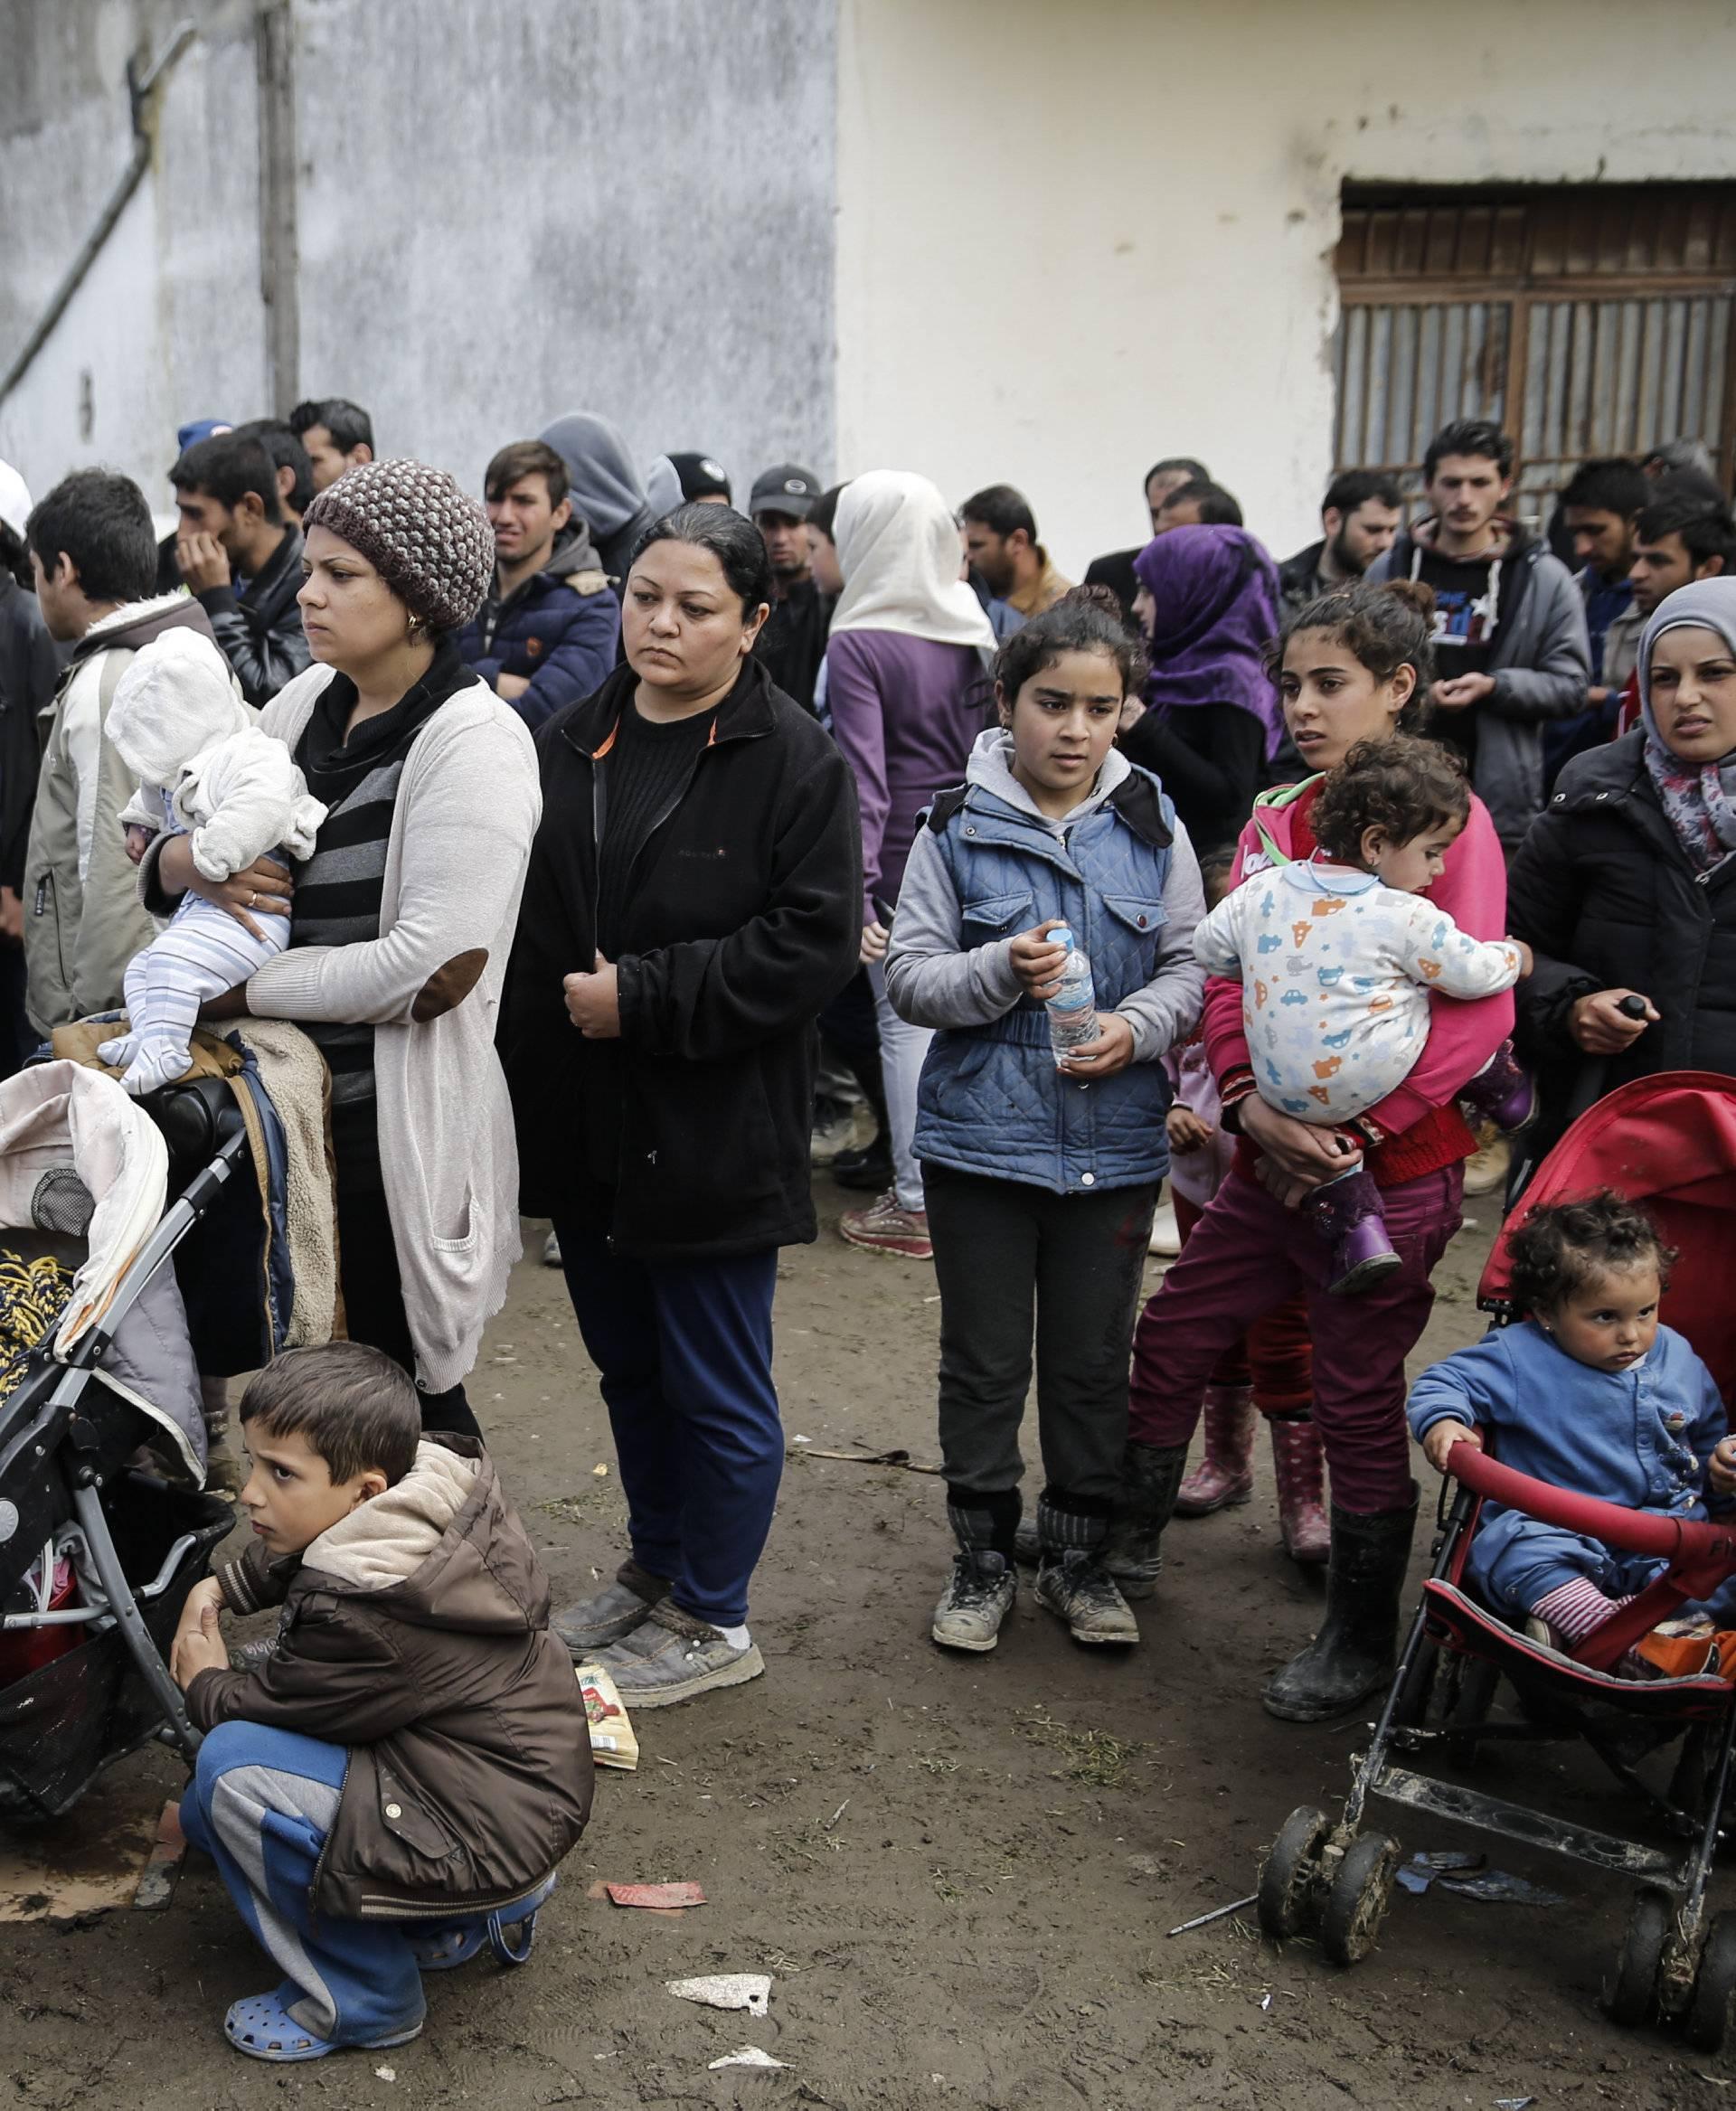 Dogovor EU i Turske: Grčka će sve izbjeglice vraćati u Tursku